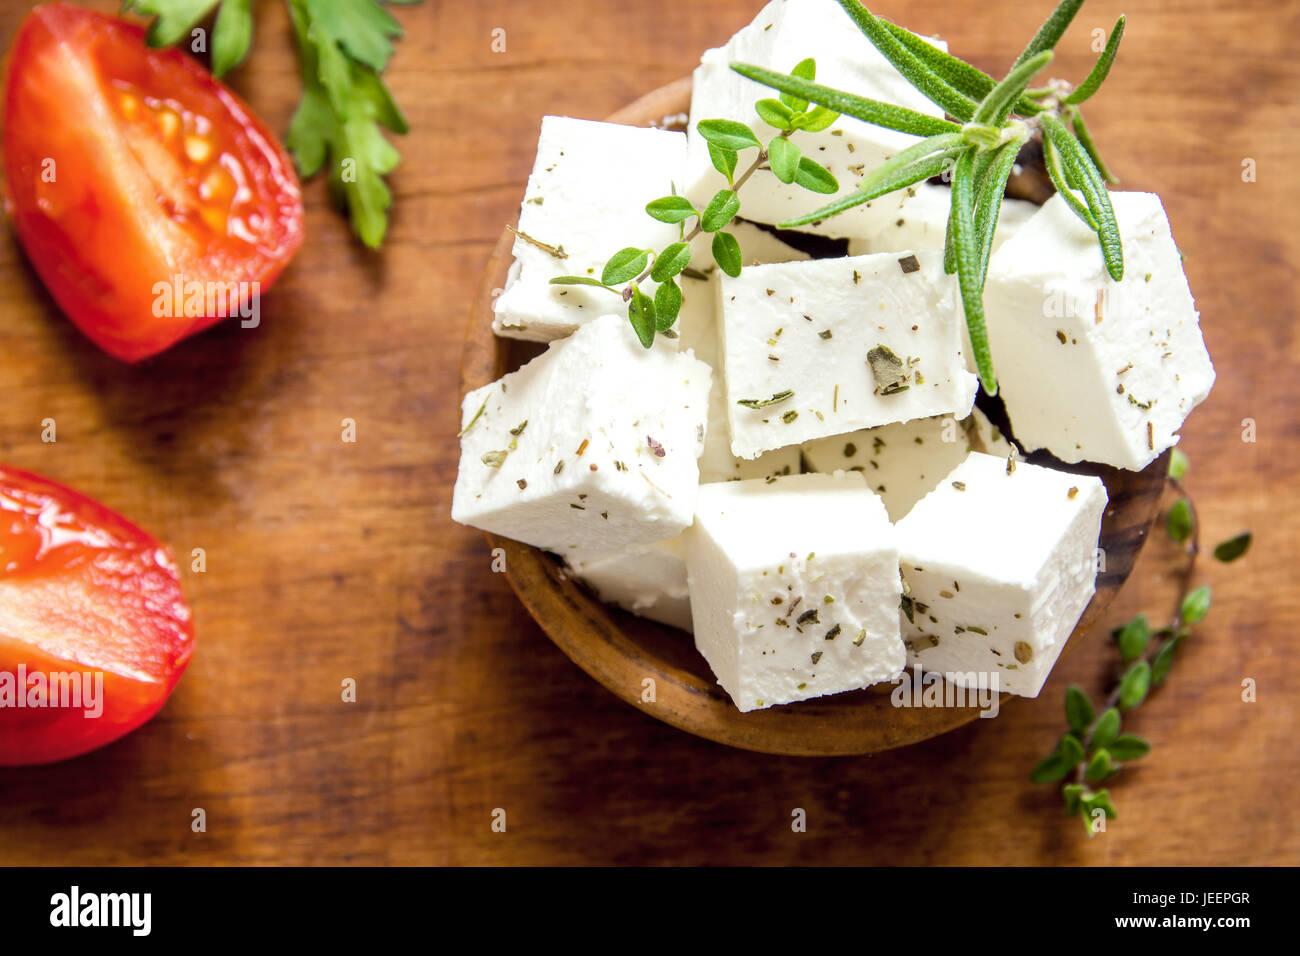 Feta grecque frais. Sain ingrédient pour la cuisson de la salade. Fromage feta de chèvre aux fines herbes. Photo Stock